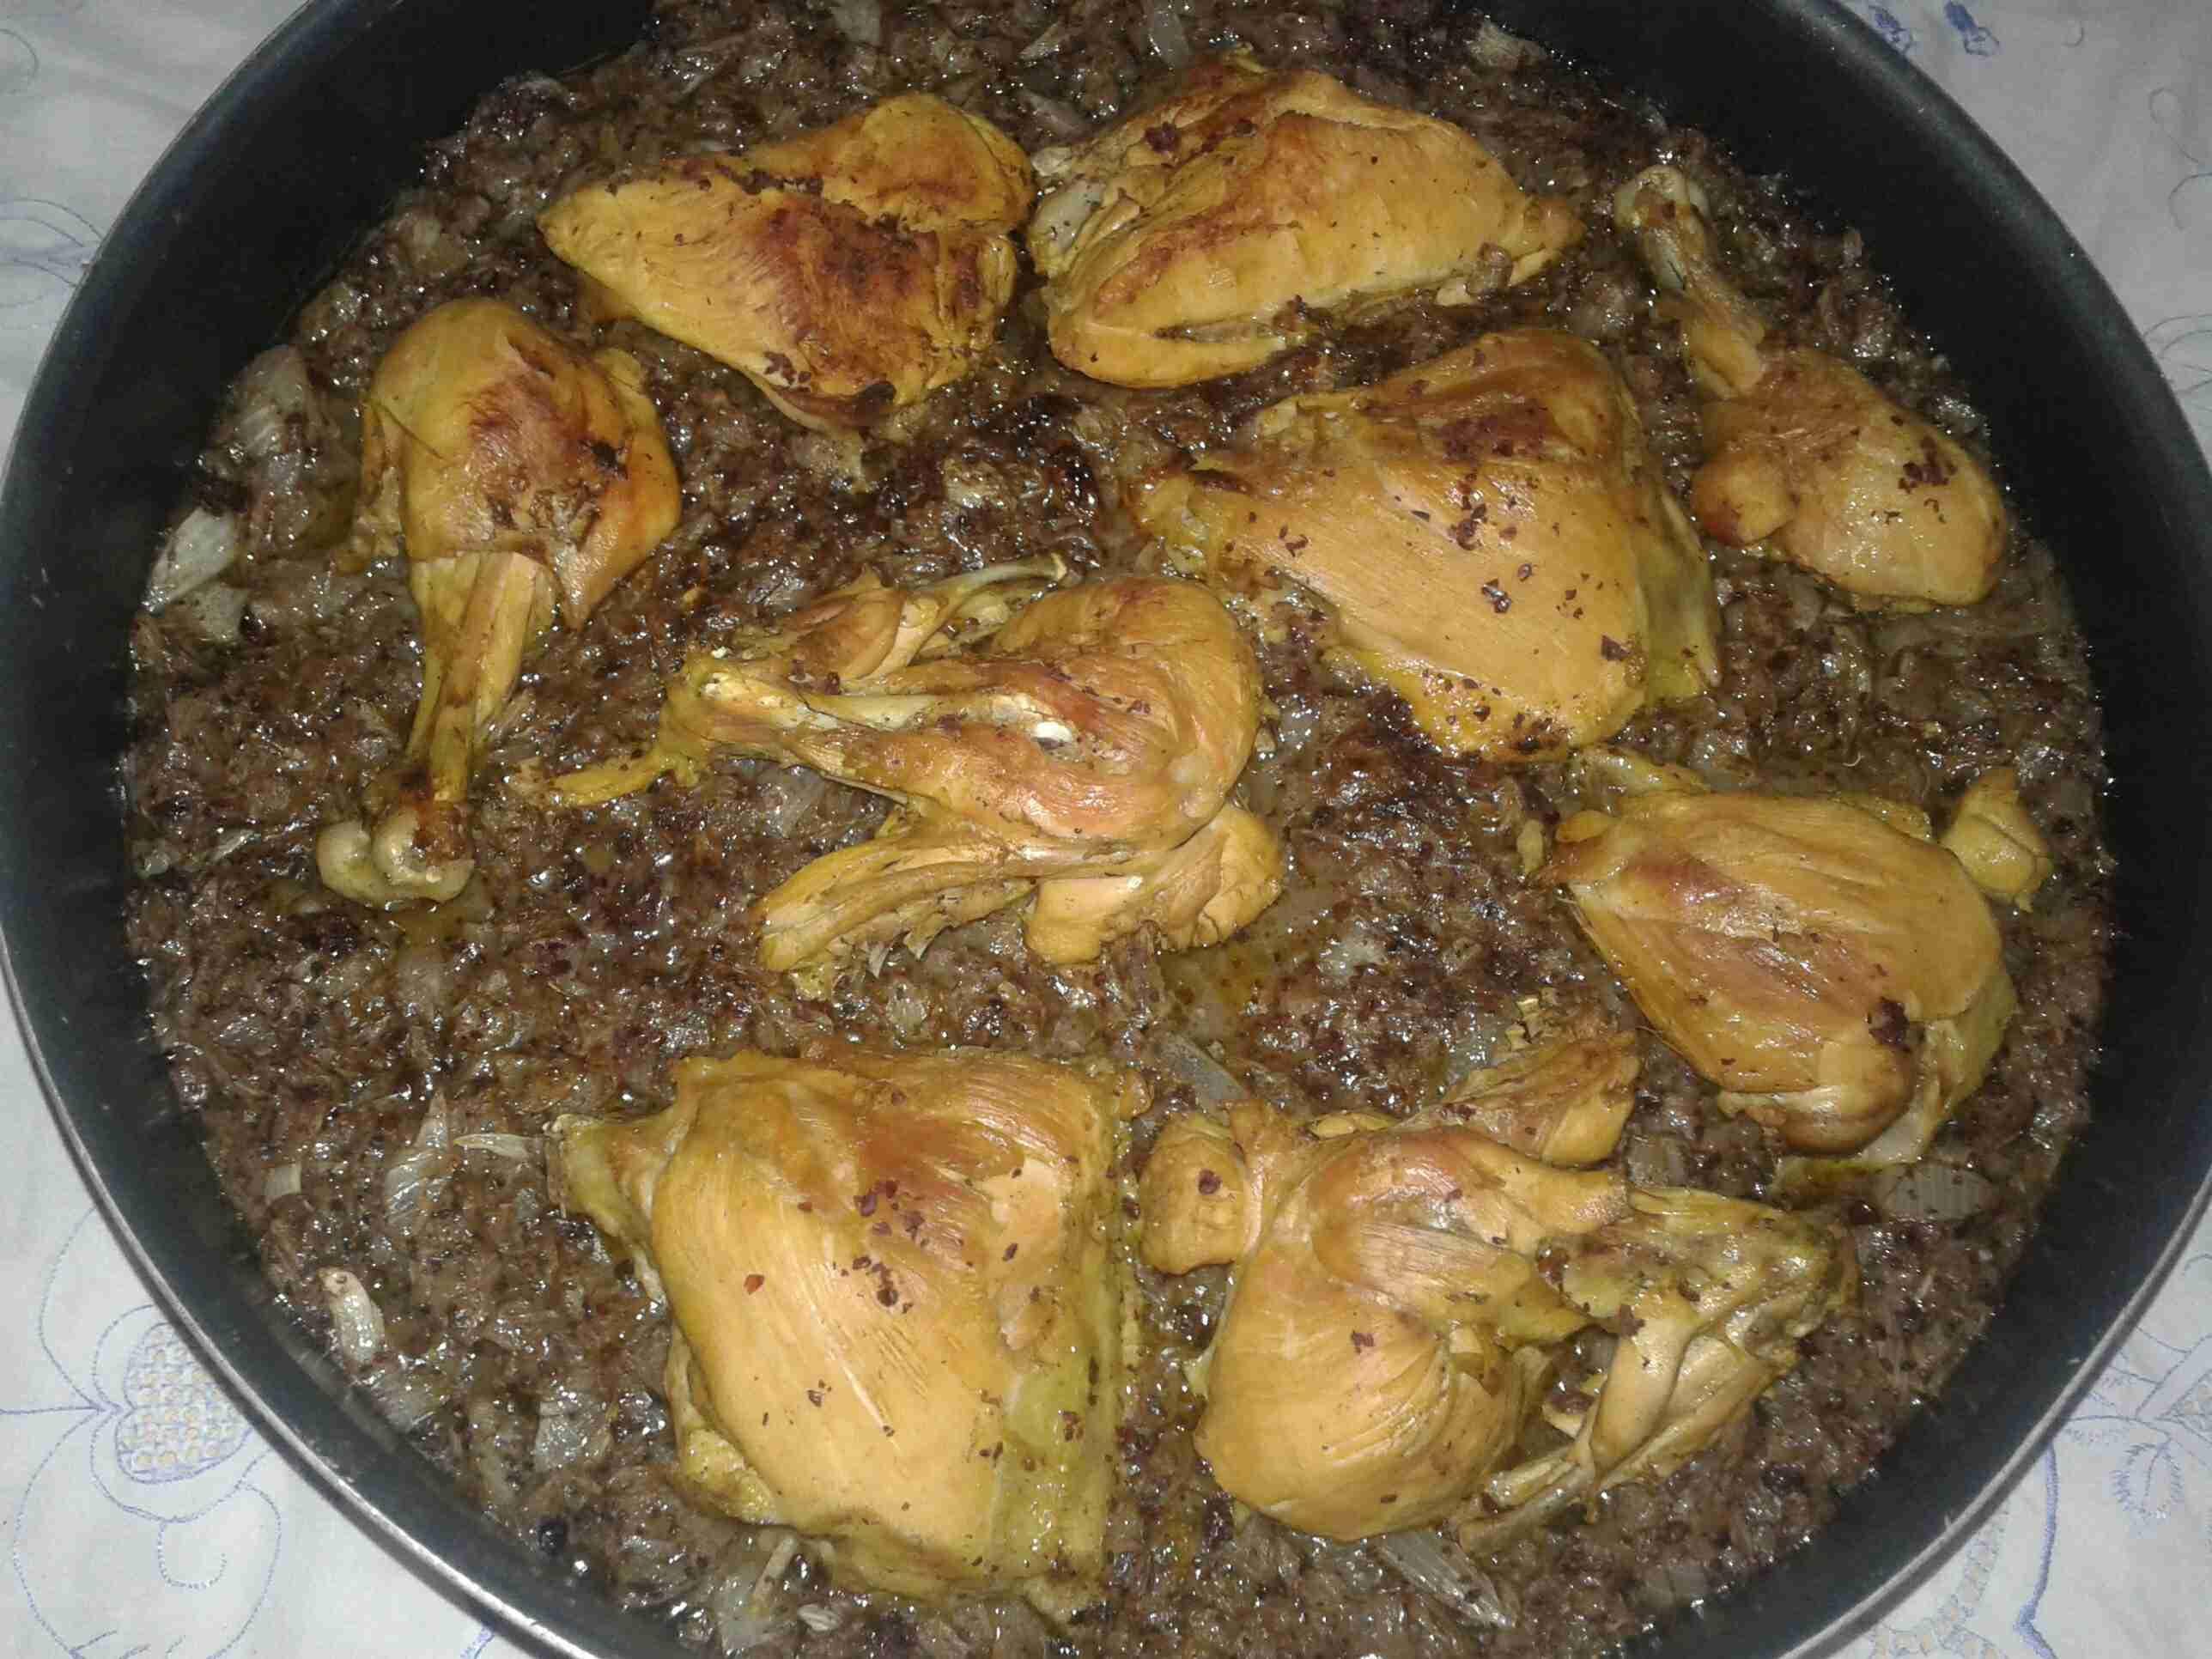 صينية دجاج بالبصل والسماق وزيت الزيتون ولا اطيب ملكة رمضان زاكي Recipe Food Recipes Dessert Recipes